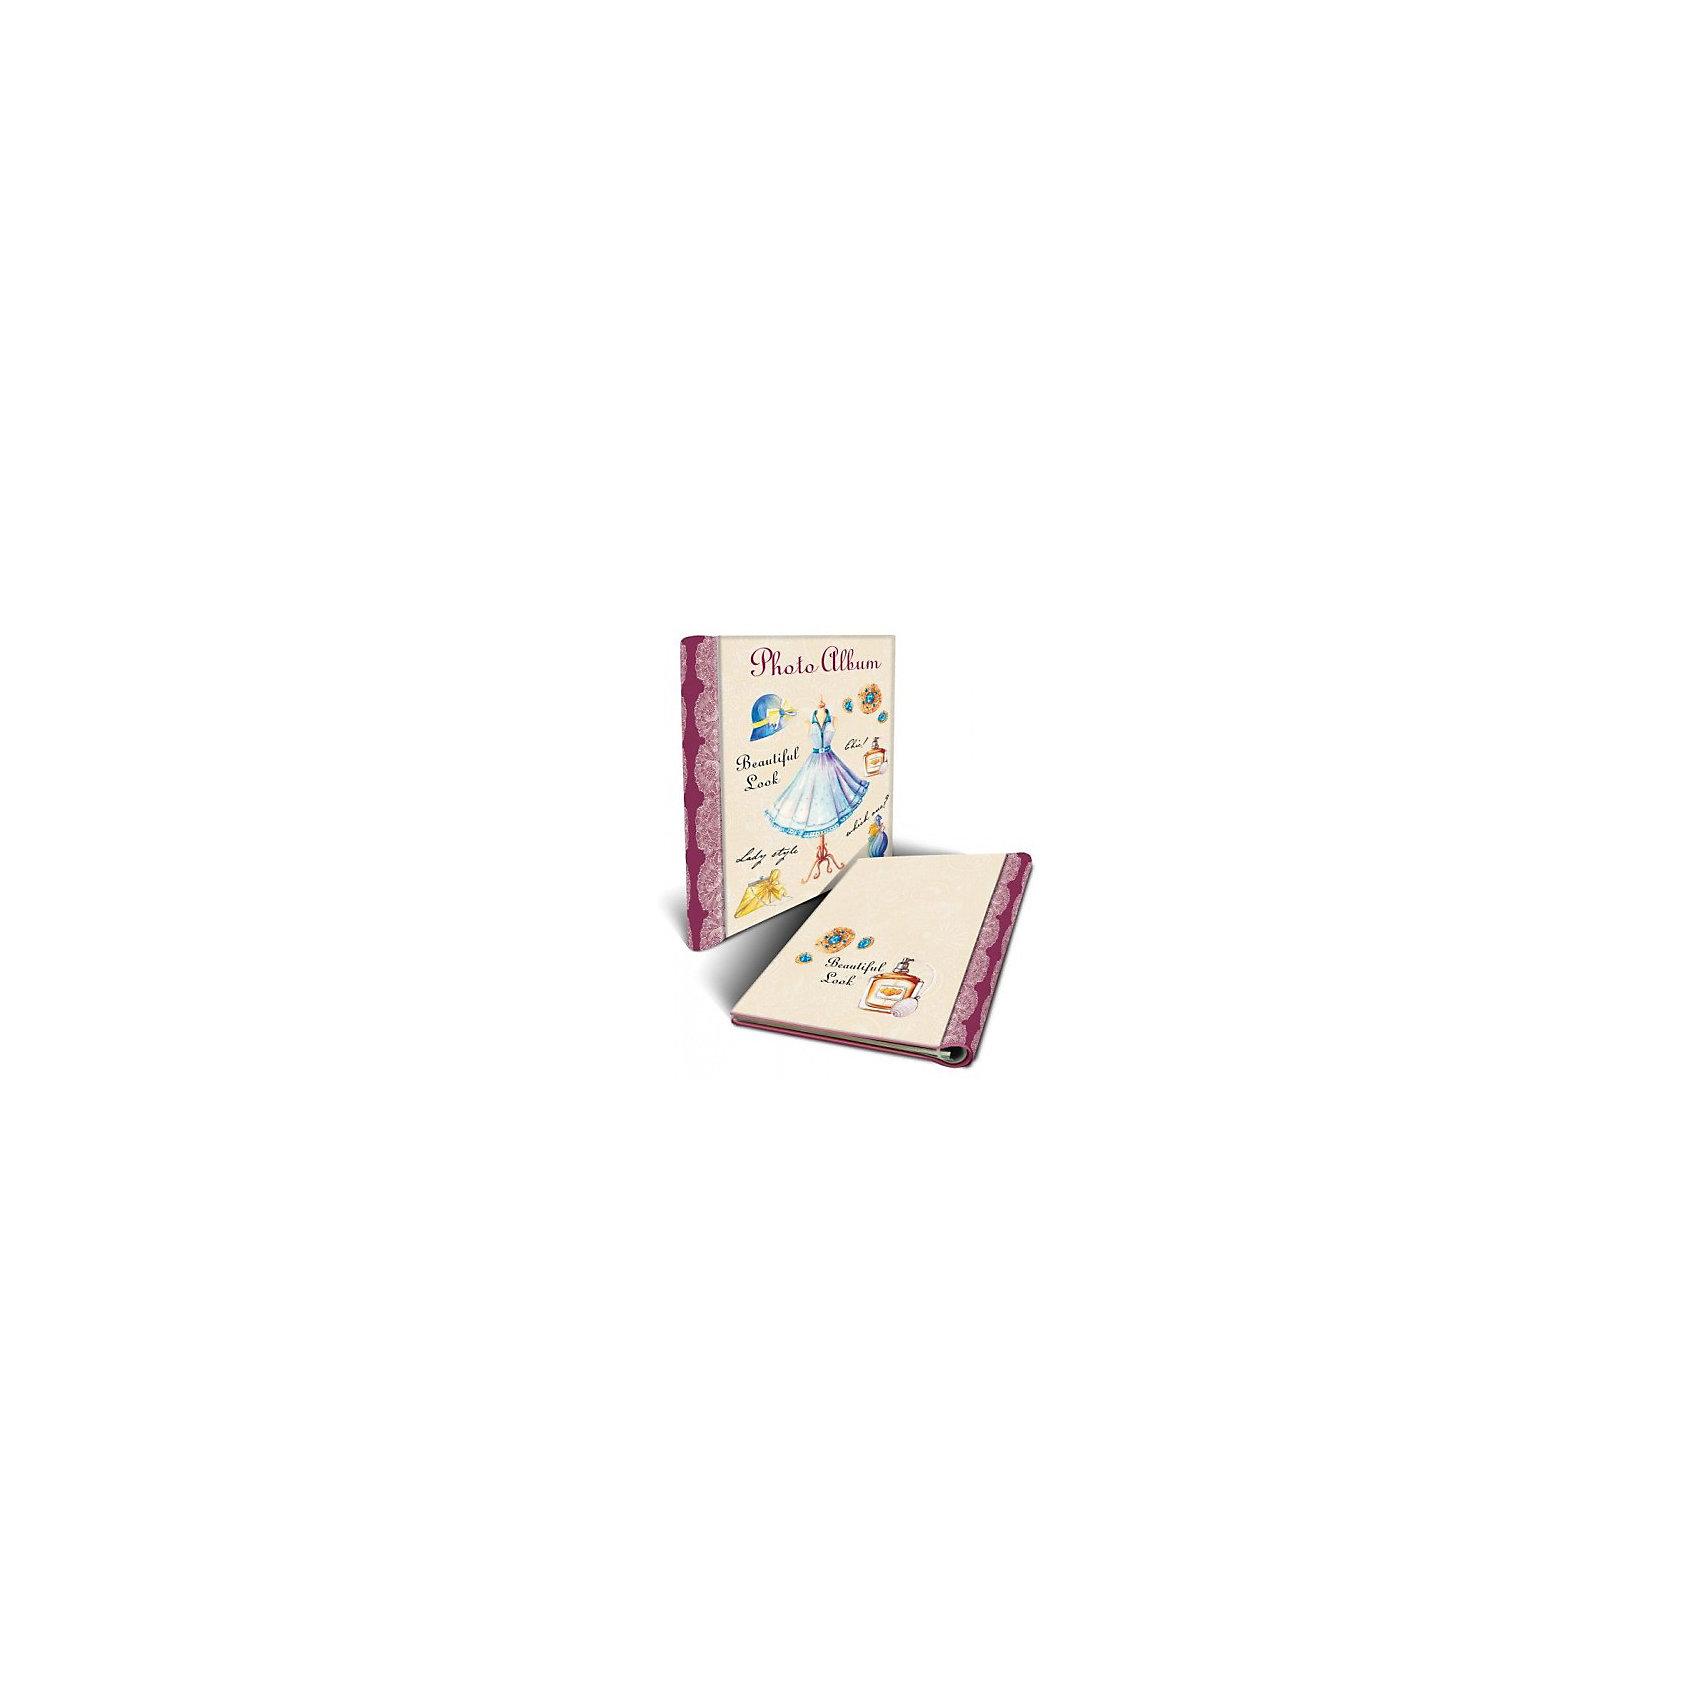 Фотоальбом Леди 24*29 см, 10 листовФотоальбом Леди - замечательный подарок, который поможет сохранить самые важные и прекрасные воспоминания. Листы из картона имеют клеевое покрытие и пленку ПВХ для крепления фотографий. У альбома пухлая картонная обложка с изображением нарядного платья и<br>аксессуаров к нему, книжный переплет, крепление страниц - закрытая спираль.<br><br>Дополнительная информация:<br><br>- Серия: Фотоальбомы. <br>- Обложка: твердая (картон).<br>- Без иллюстраций.<br>- Объем: 10 листов.<br>- Размер: 24 х 2,5 х 29 см.<br>- Вес: 0,71 кг.<br><br>Фотоальбом Леди, Феникс-Презент, можно купить в нашем интернет-магазине.<br><br>Ширина мм: 240<br>Глубина мм: 60<br>Высота мм: 290<br>Вес г: 300<br>Возраст от месяцев: 36<br>Возраст до месяцев: 2147483647<br>Пол: Женский<br>Возраст: Детский<br>SKU: 4185948